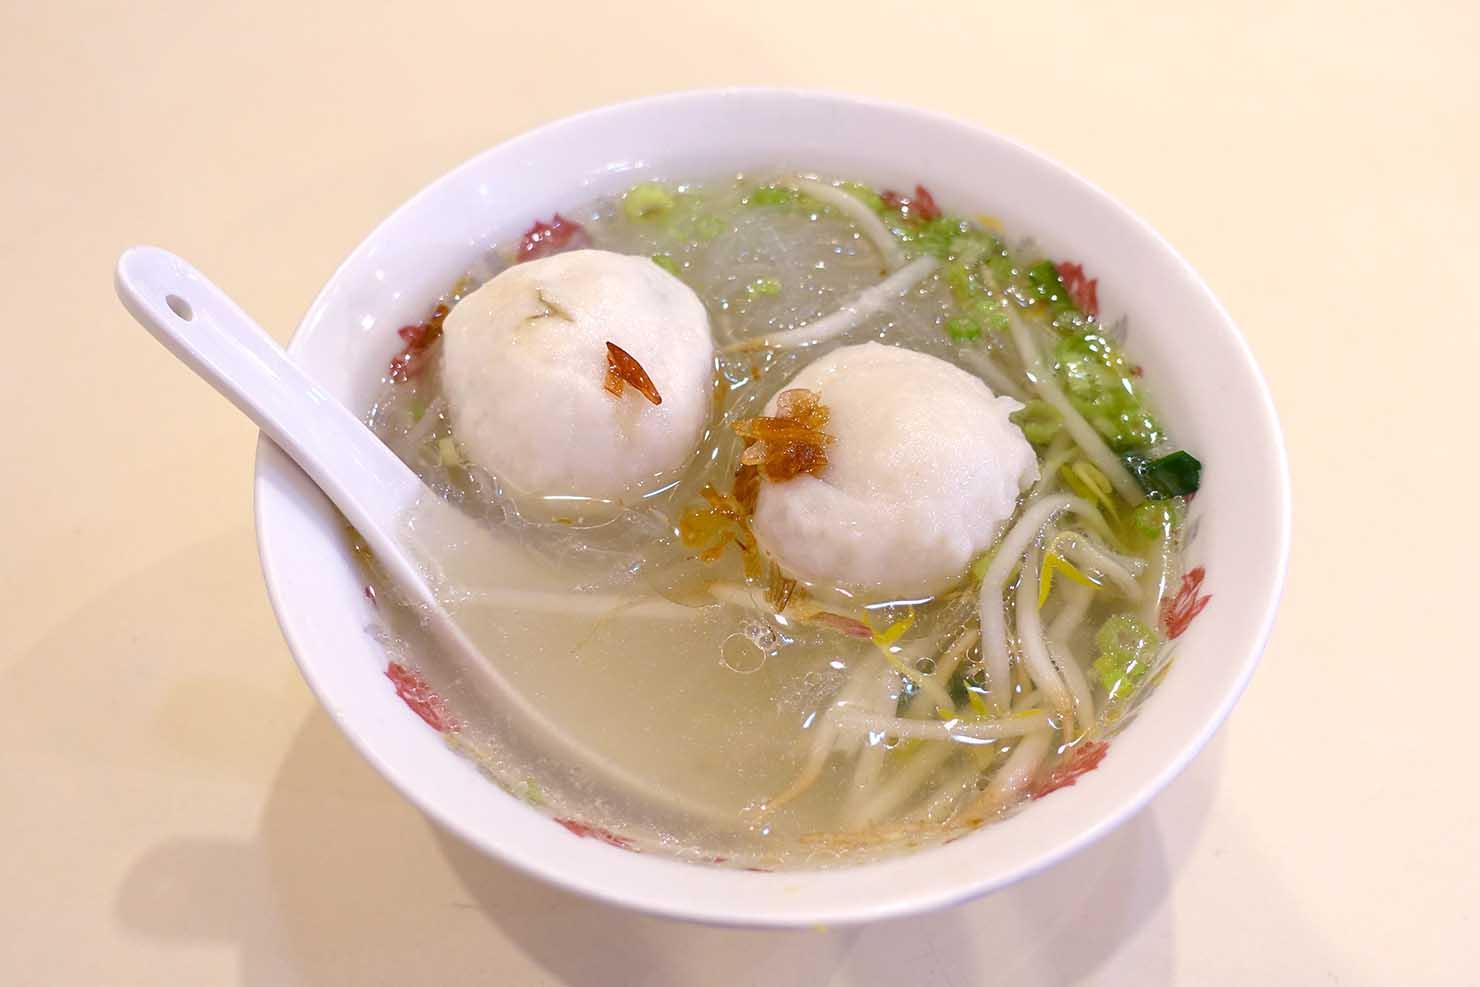 台北・西門町のおすすめ朝ごはん屋さん「永富魚丸湯」の福州魚丸湯+冬粉(魚のつみれ入り春雨スープ)